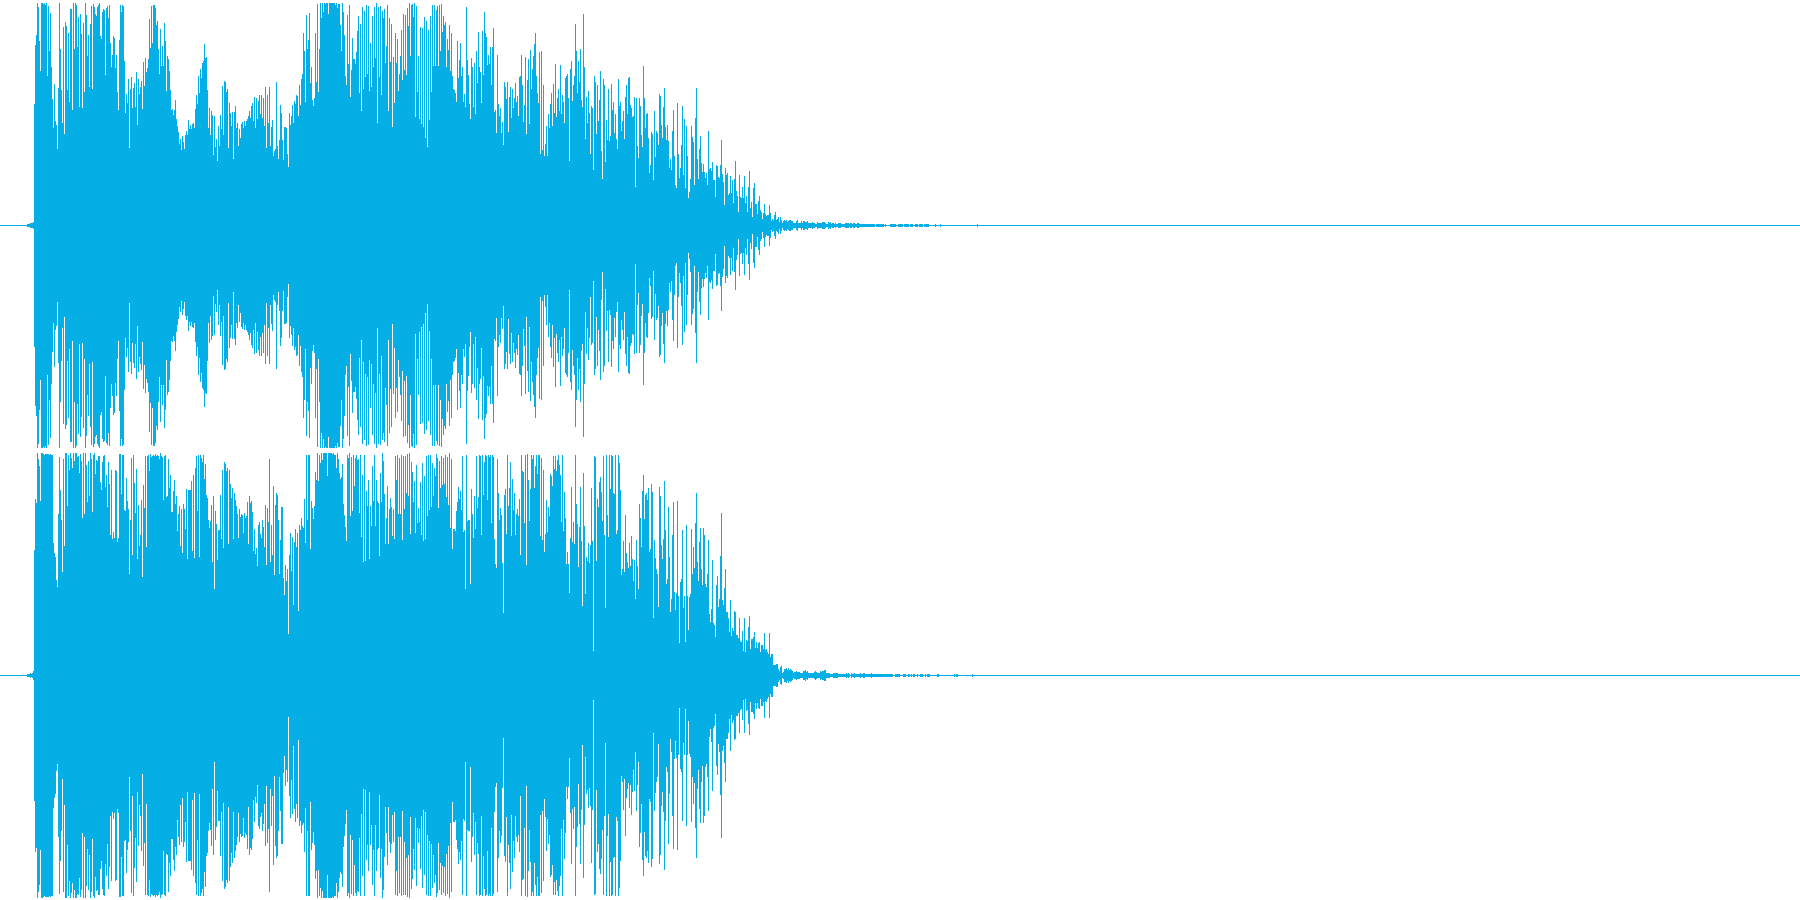 格闘ゲーム用「ダブルKO」の再生済みの波形